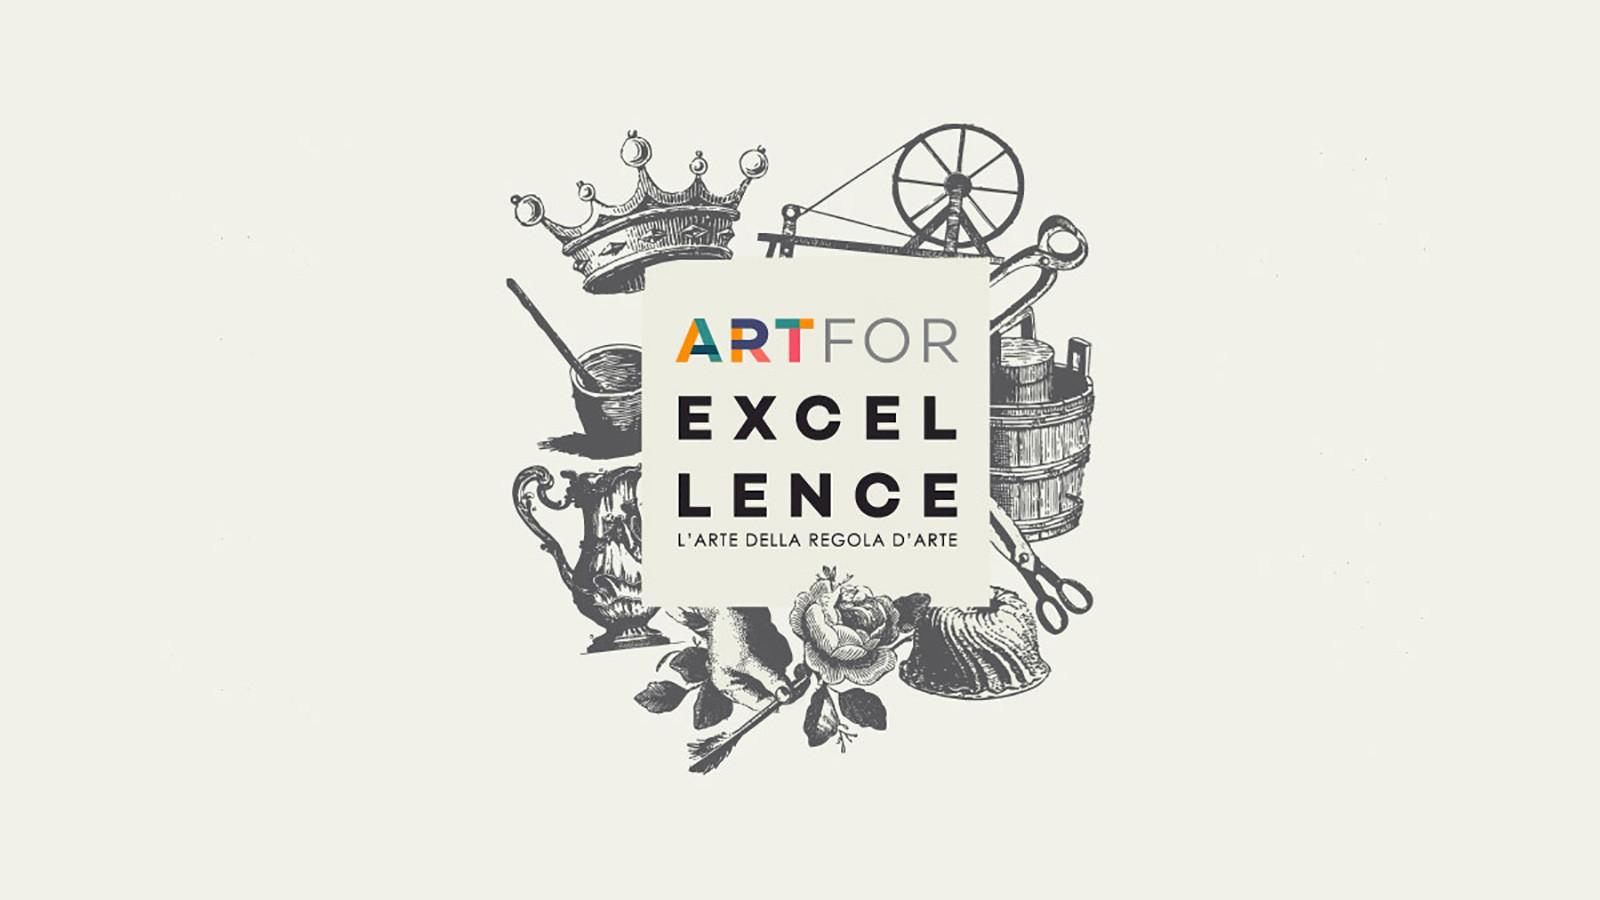 Art for Exellence